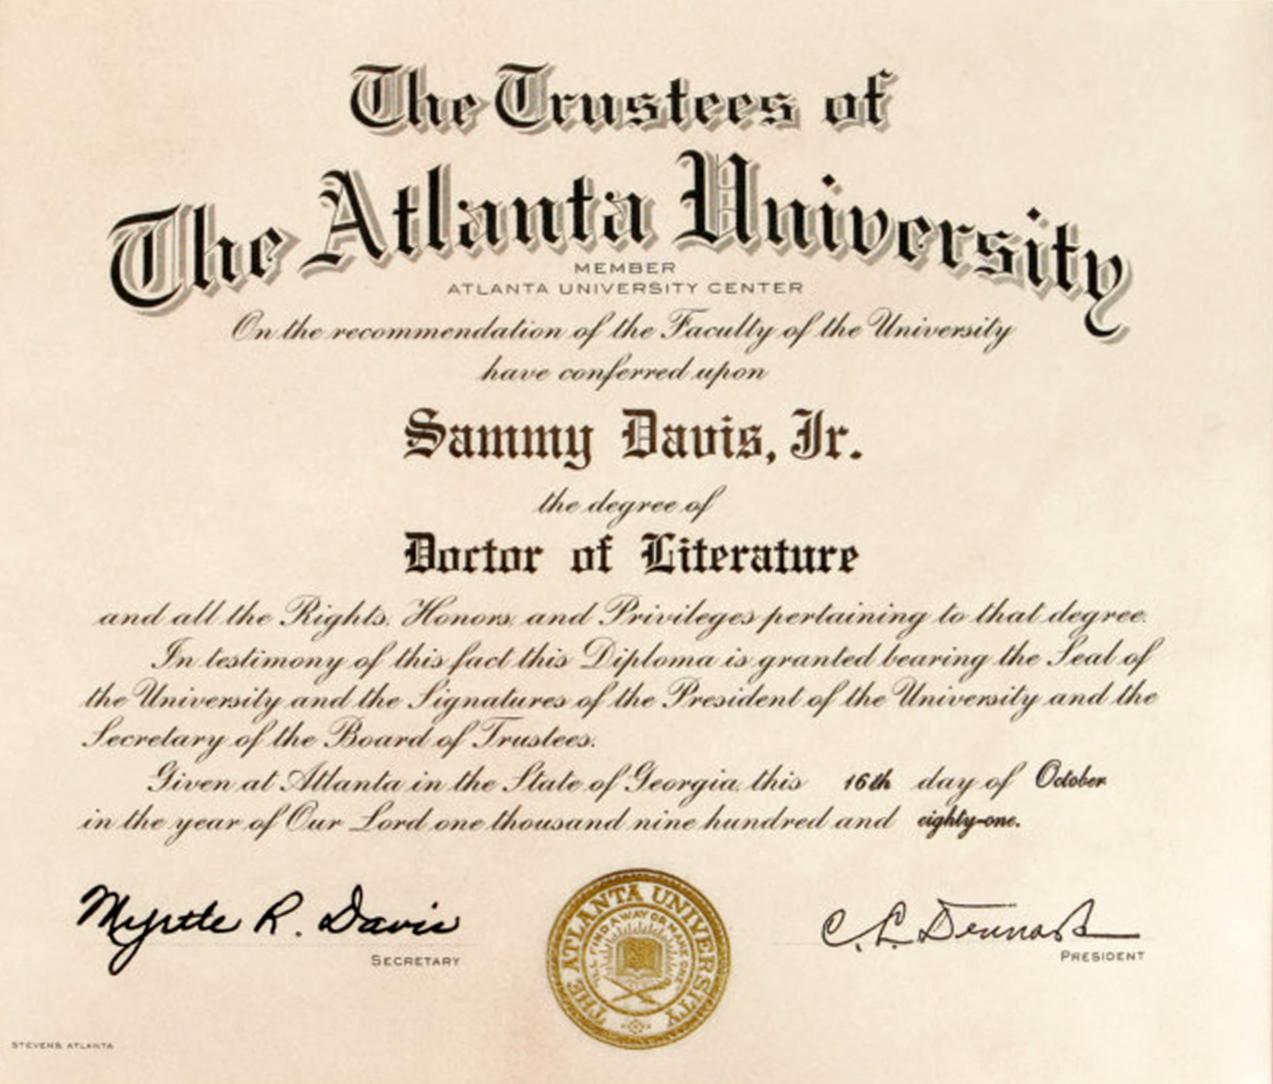 Sammy Davis, Jr. Degree from Atlanta University